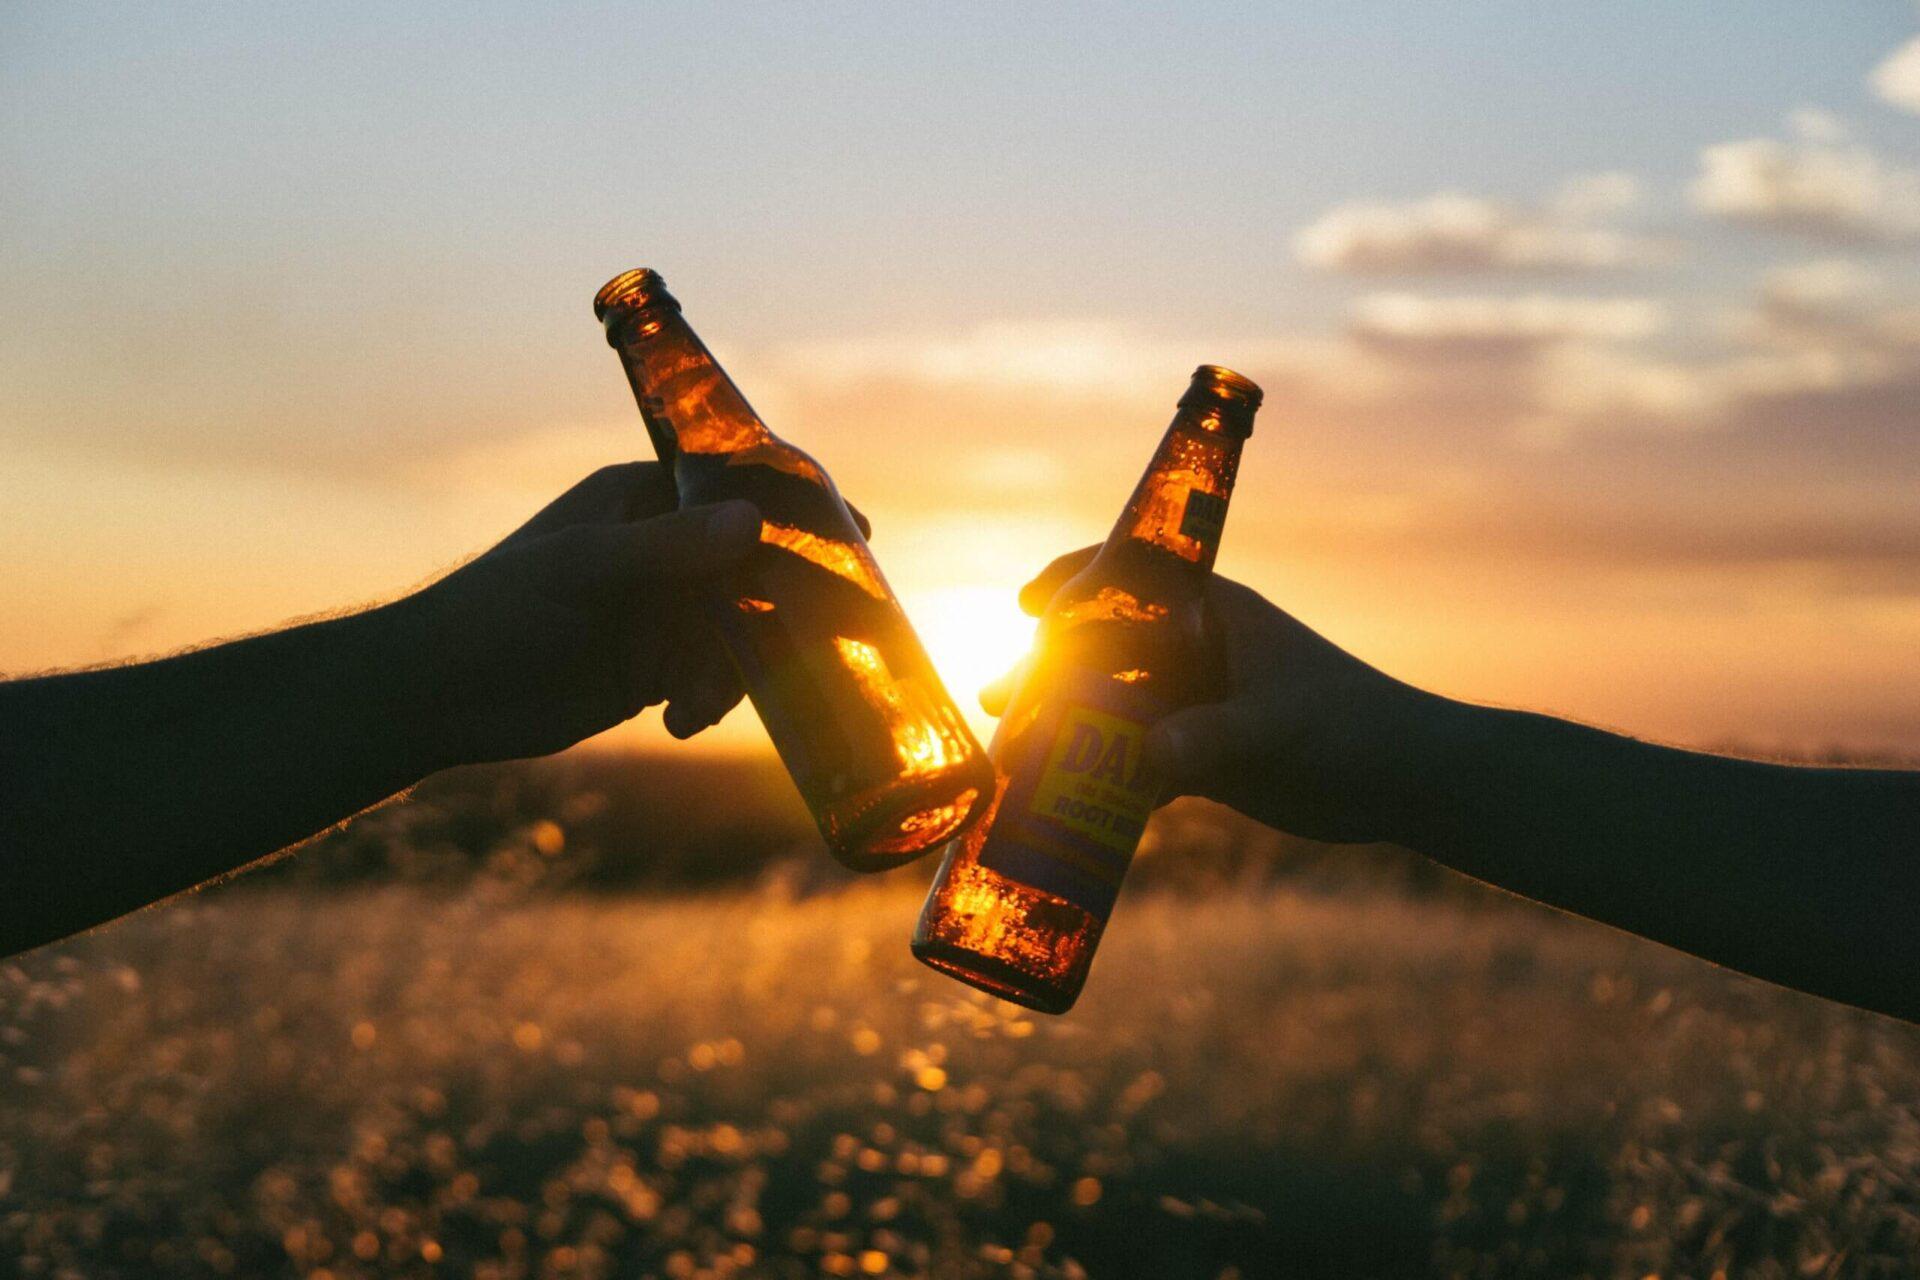 瓶ビールで乾杯している様子